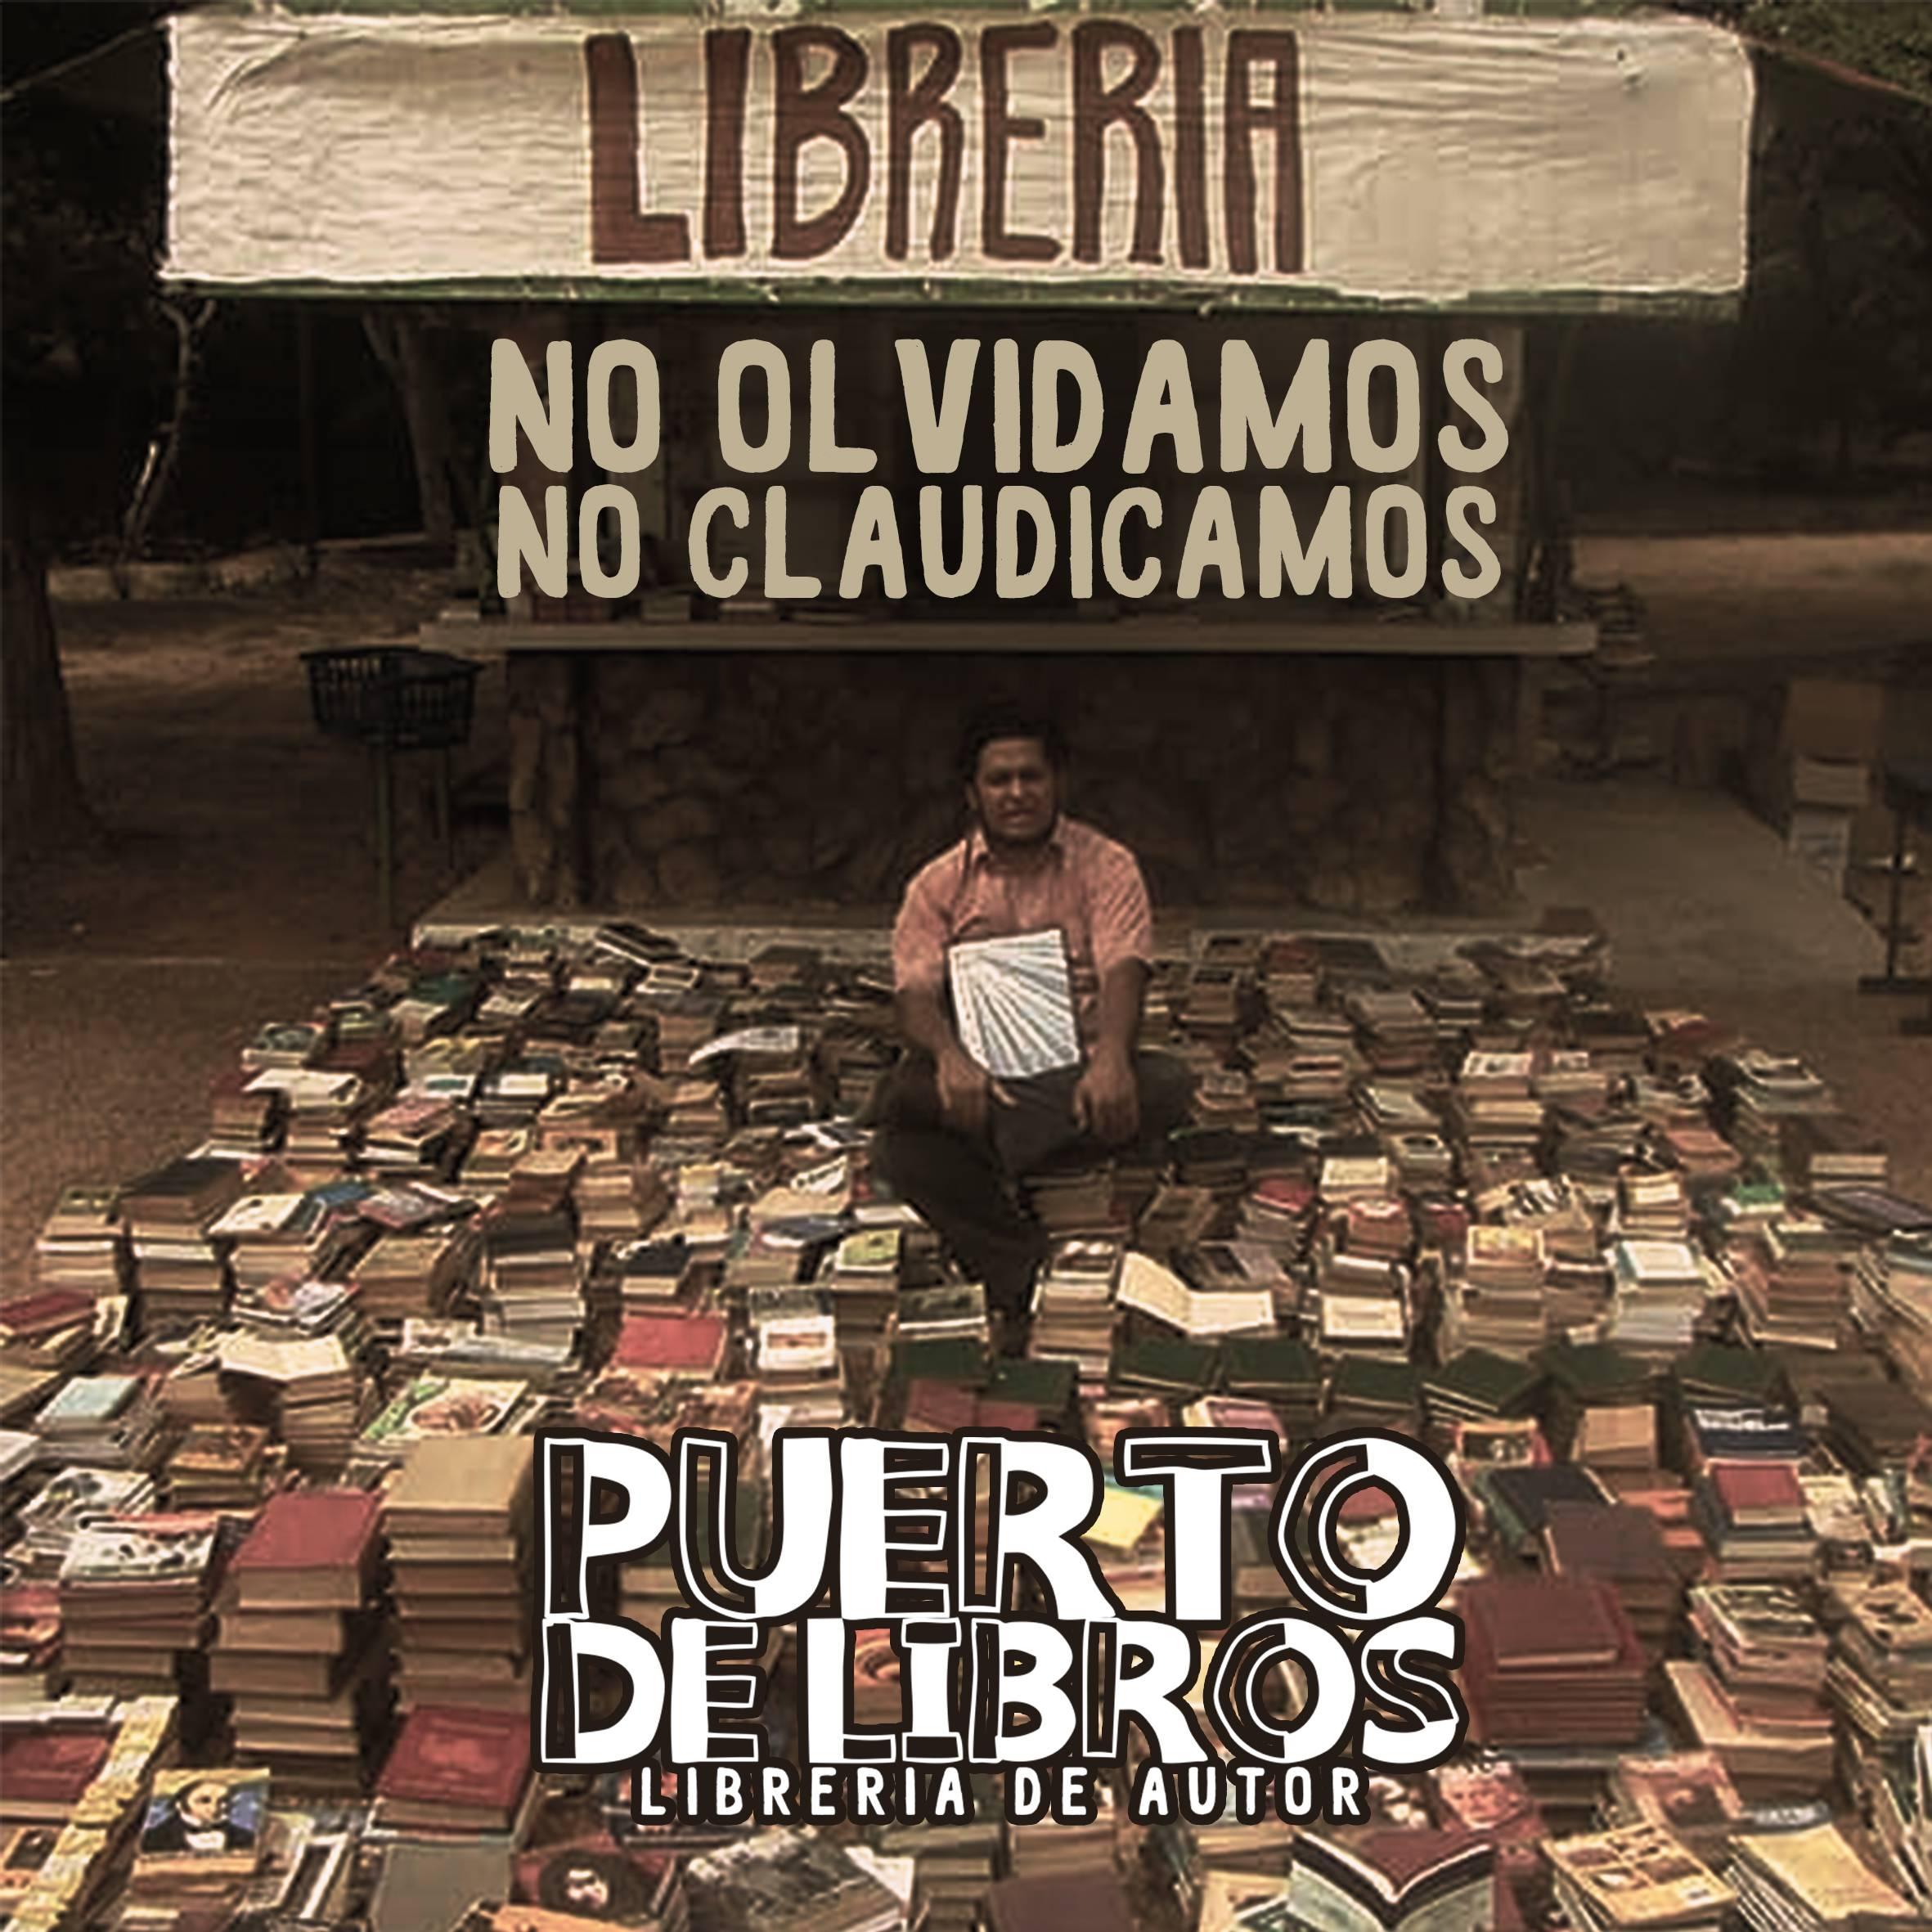 A un año del cierre de nuestra librería: NO OLVIDAMOS, NO CLAUDICAMOS